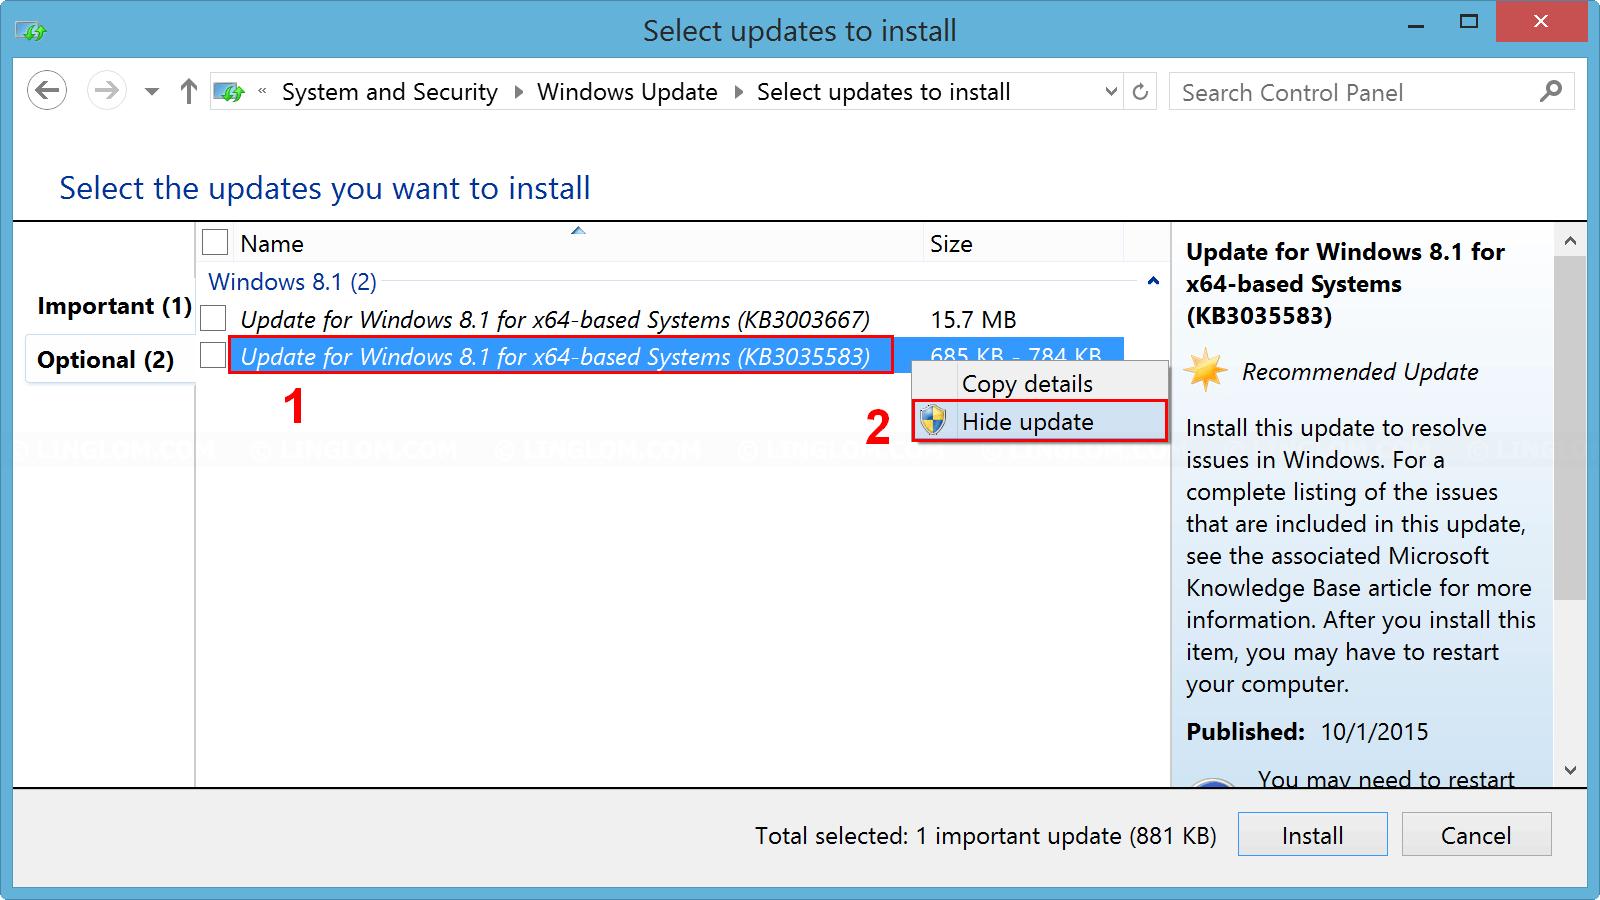 Hide update KB3035583